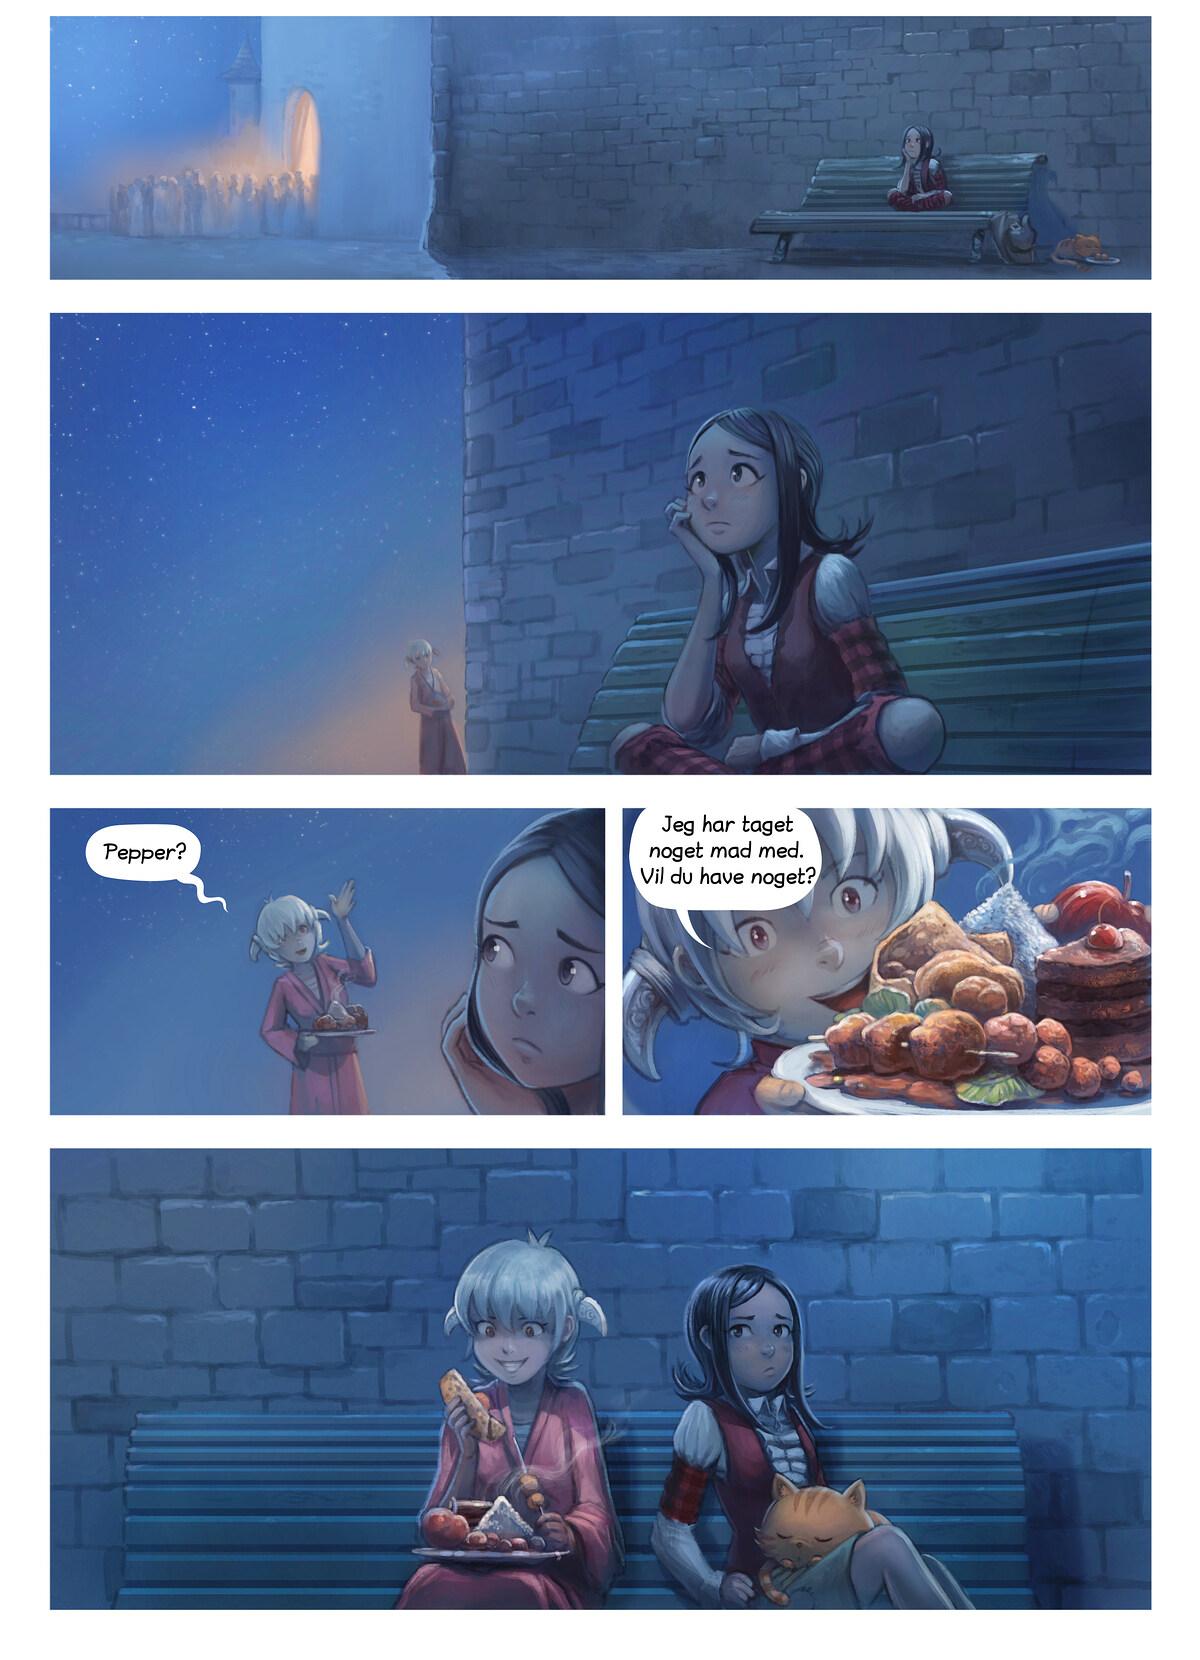 Episode 28: Festlighederne, Page 6